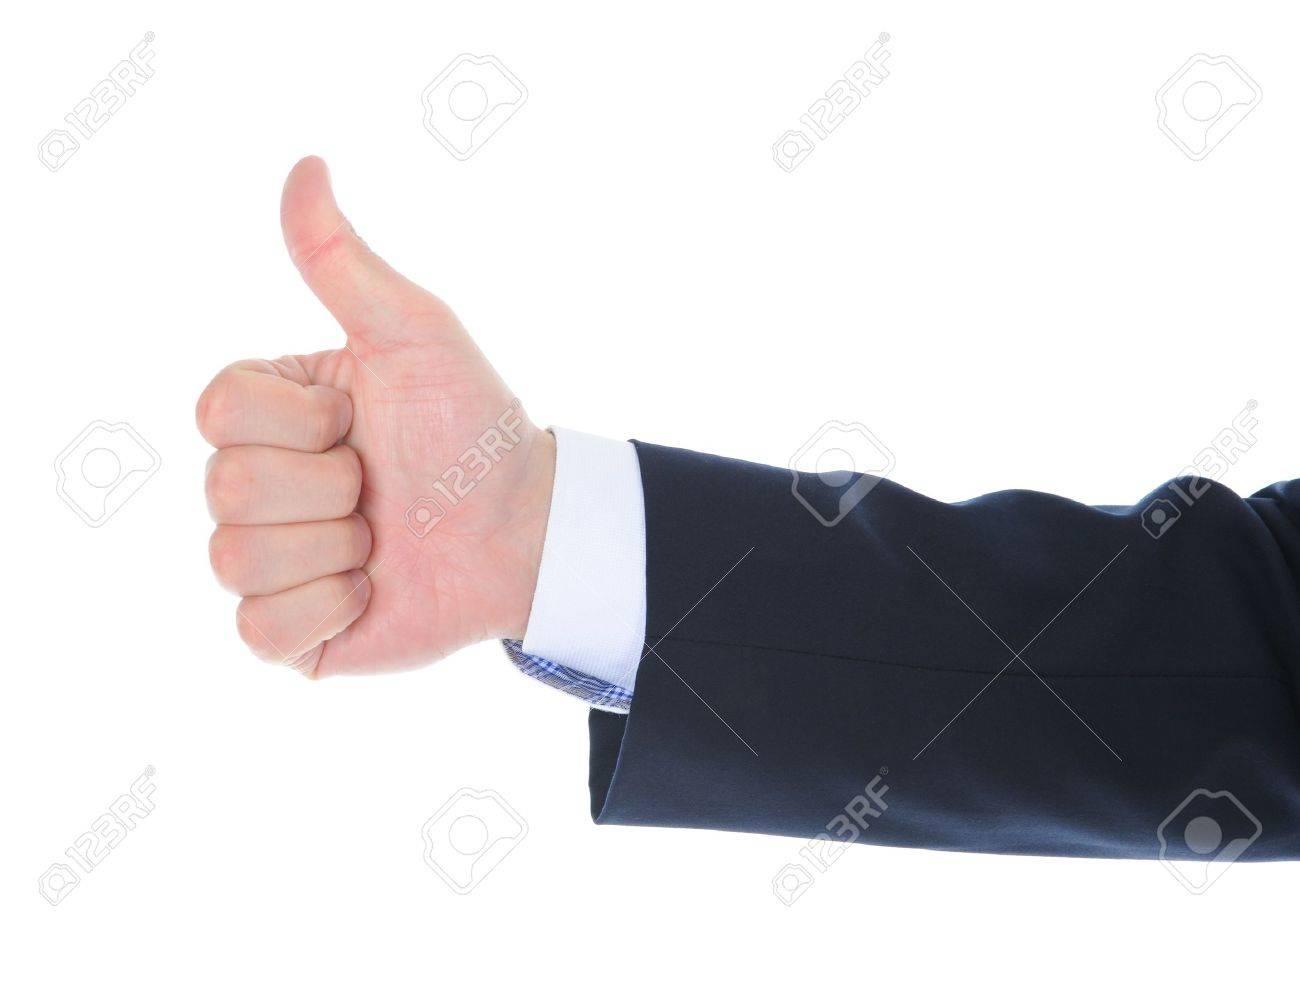 human hand tumb Stock Photo - 9951937